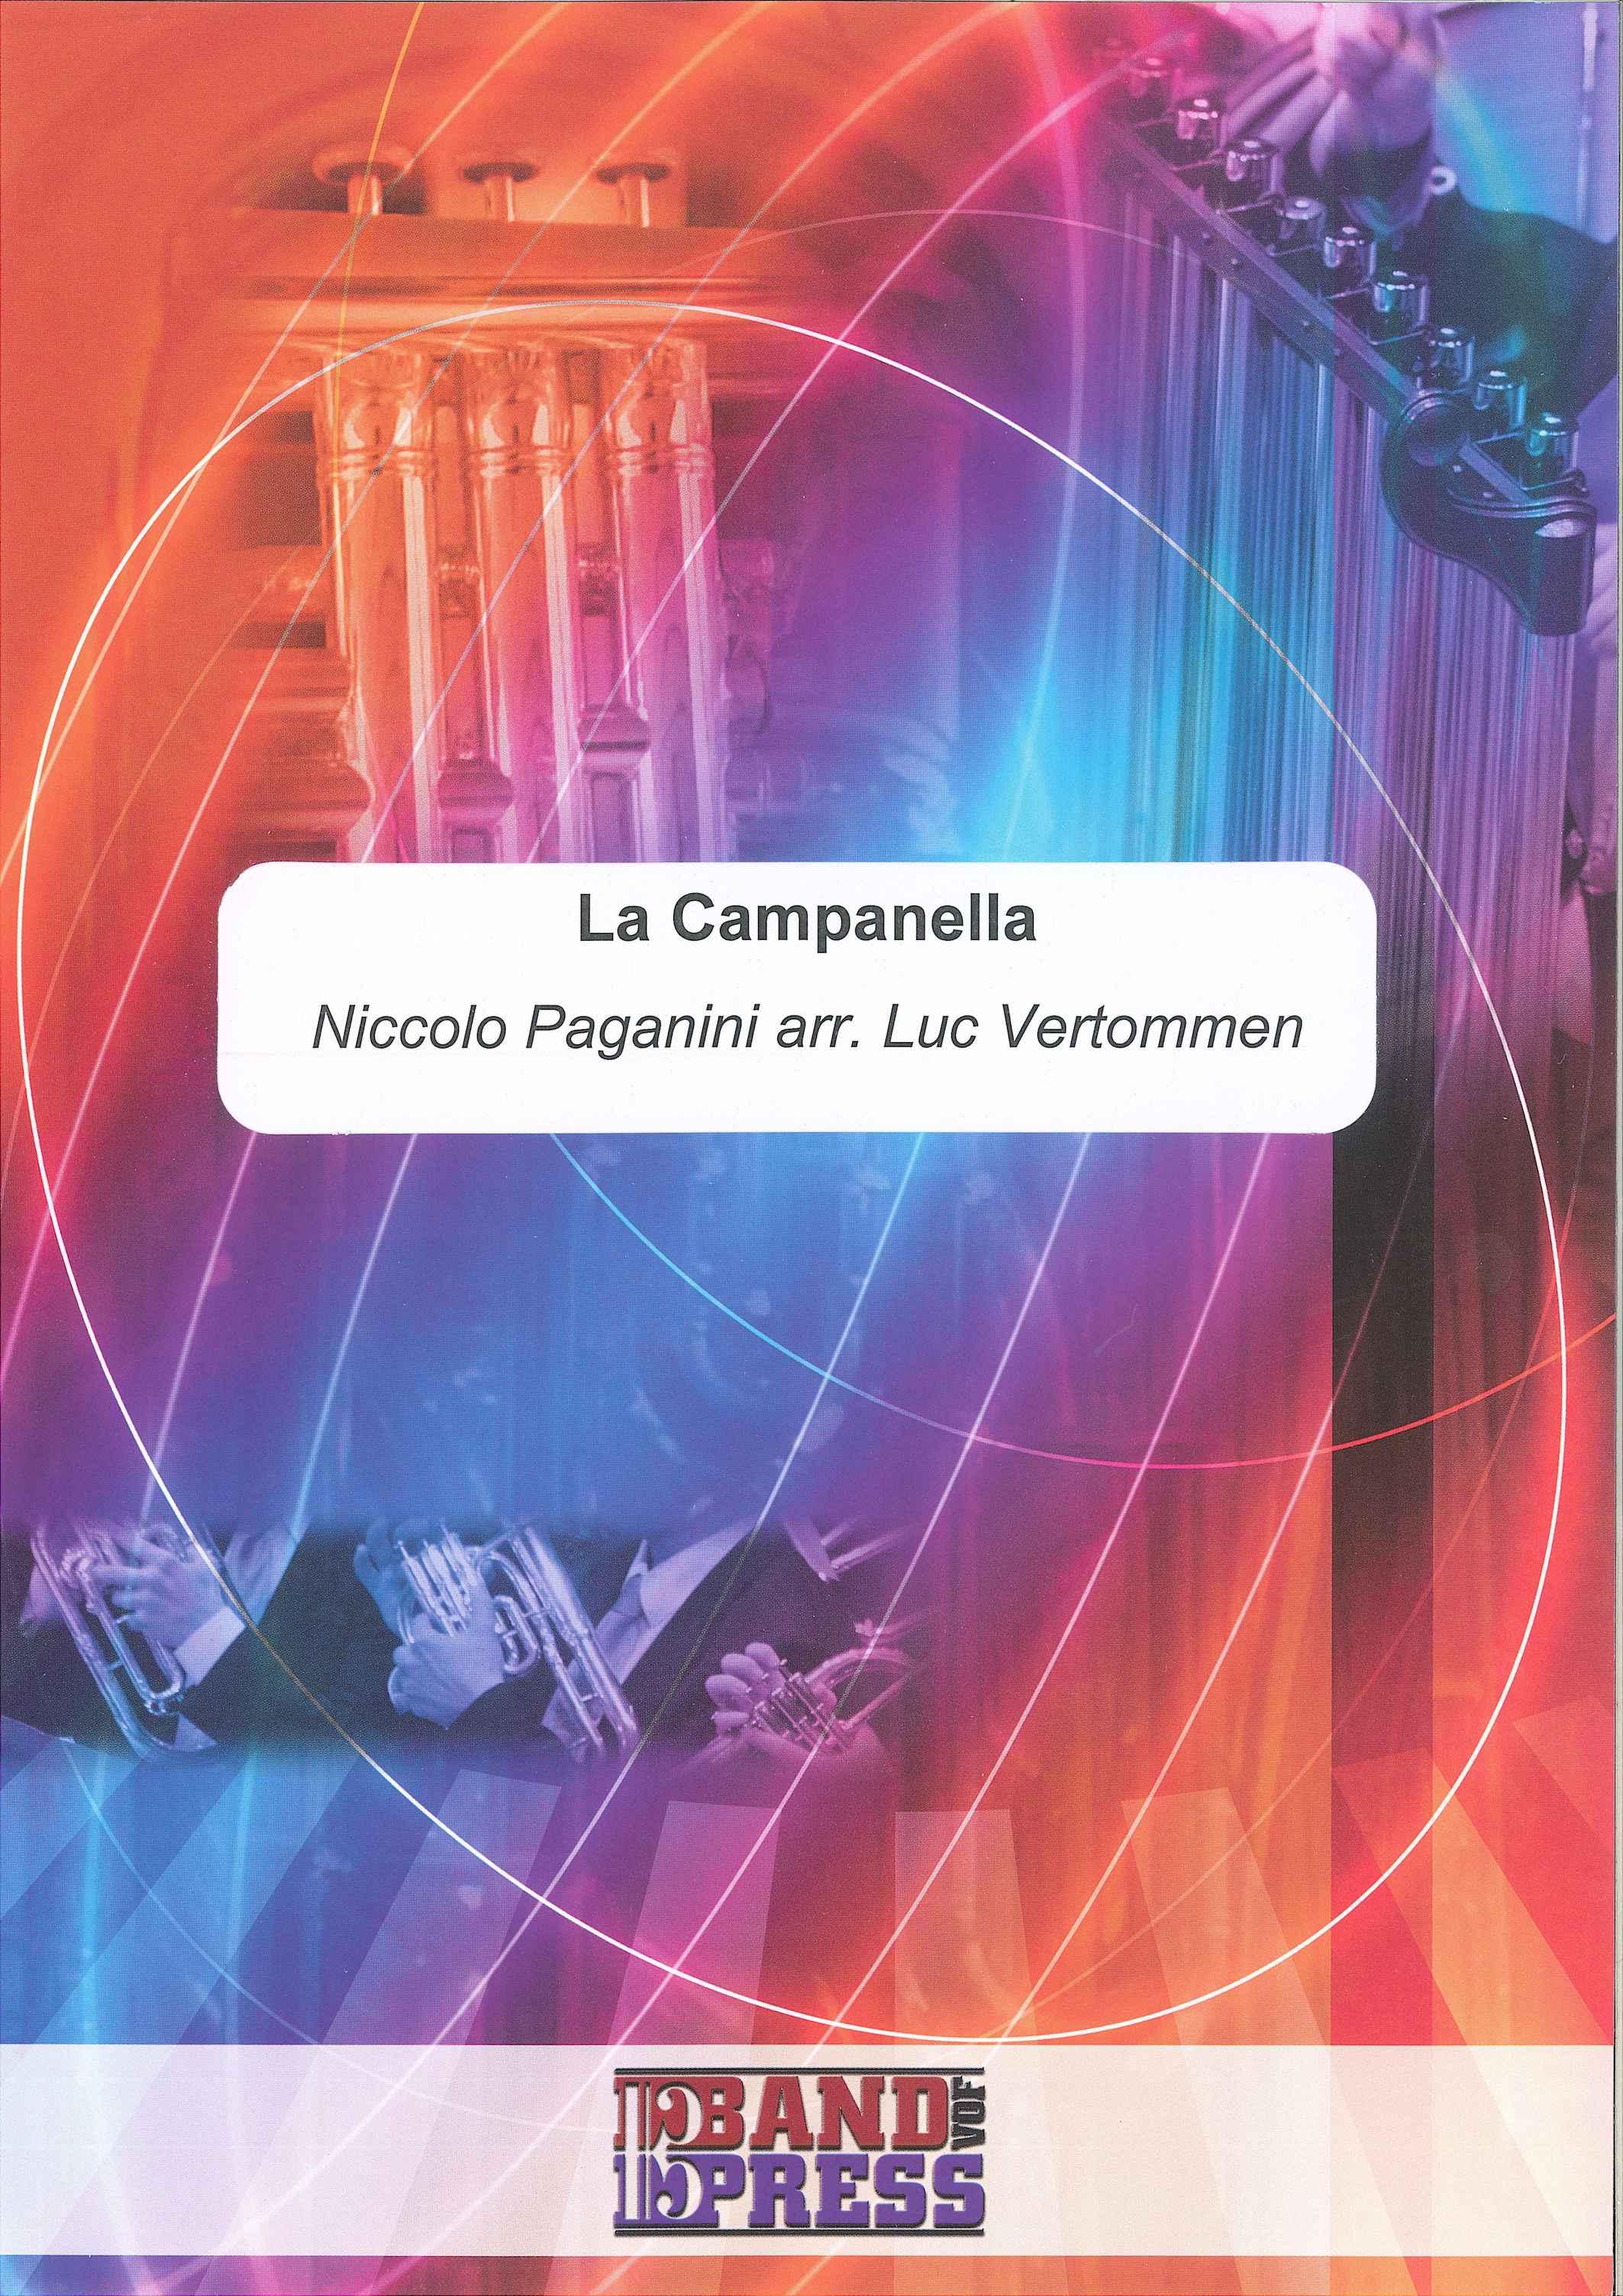 La Campanella - Nicolo Paganini - Euph and Piano